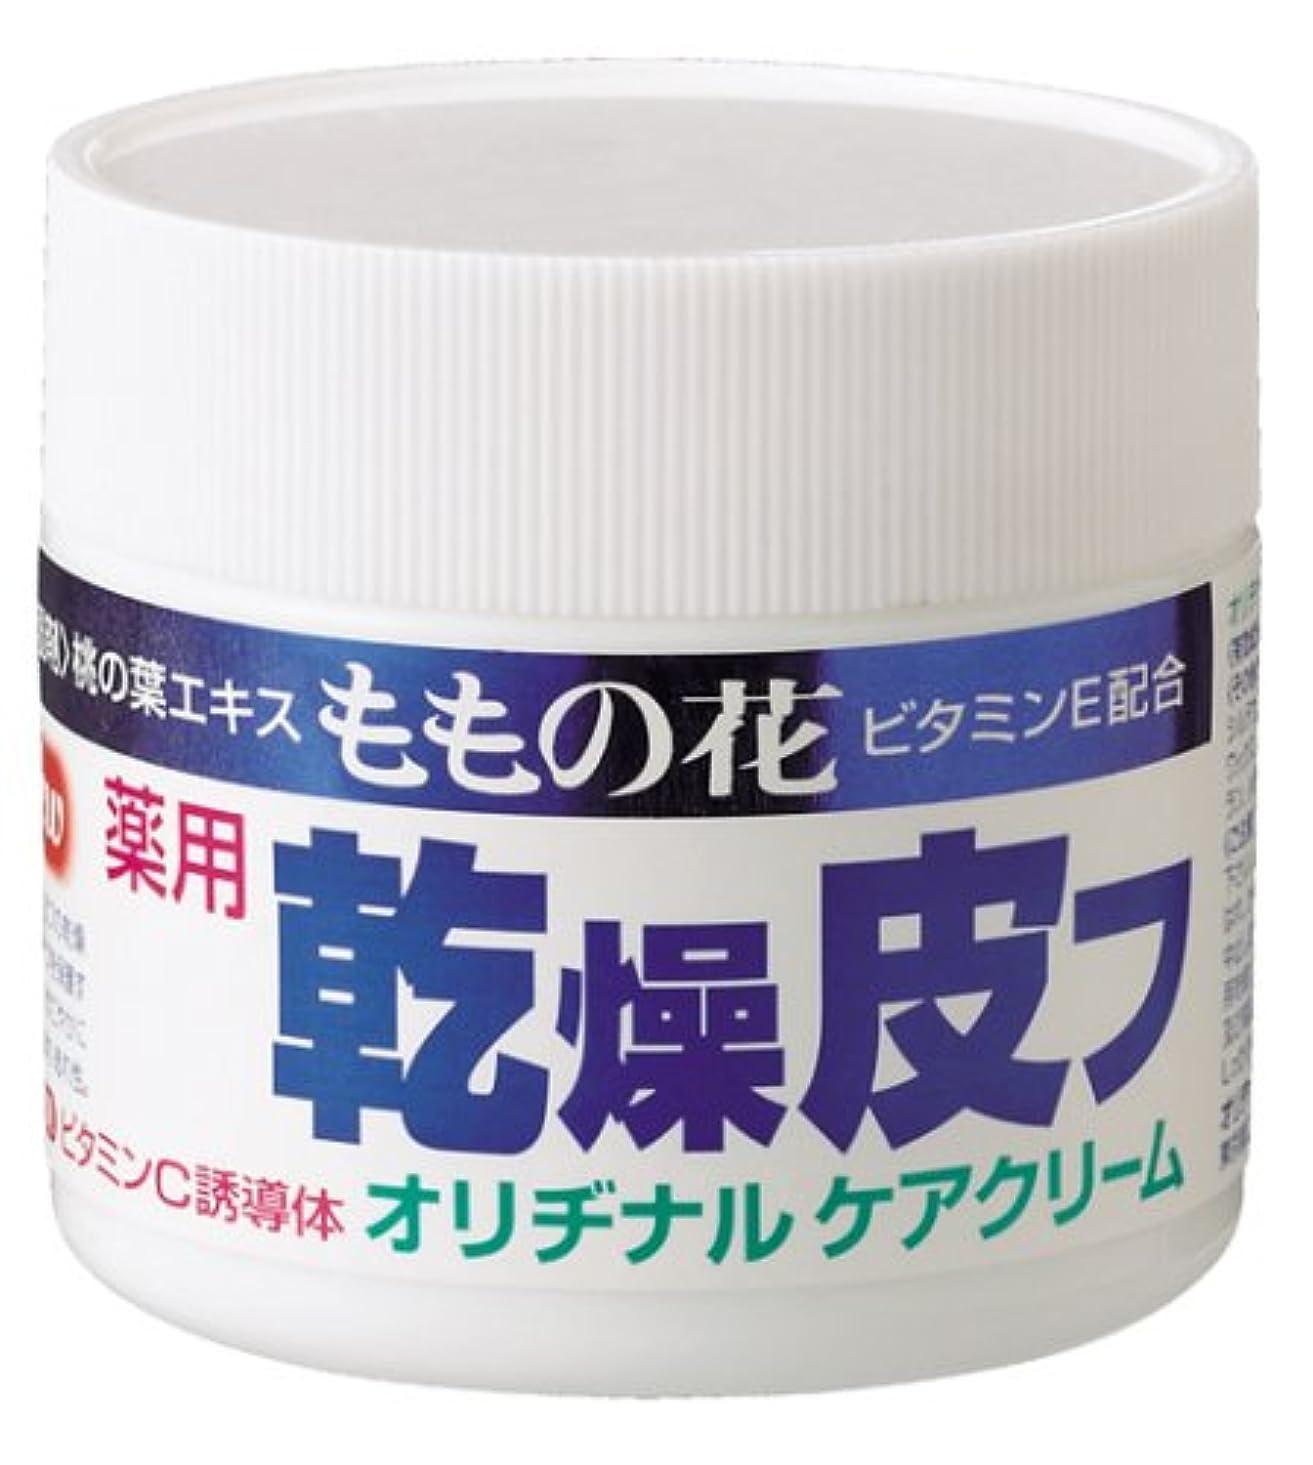 ストレス処方するスナップももの花 薬用乾燥皮フクリームC 70g [医薬部外品]